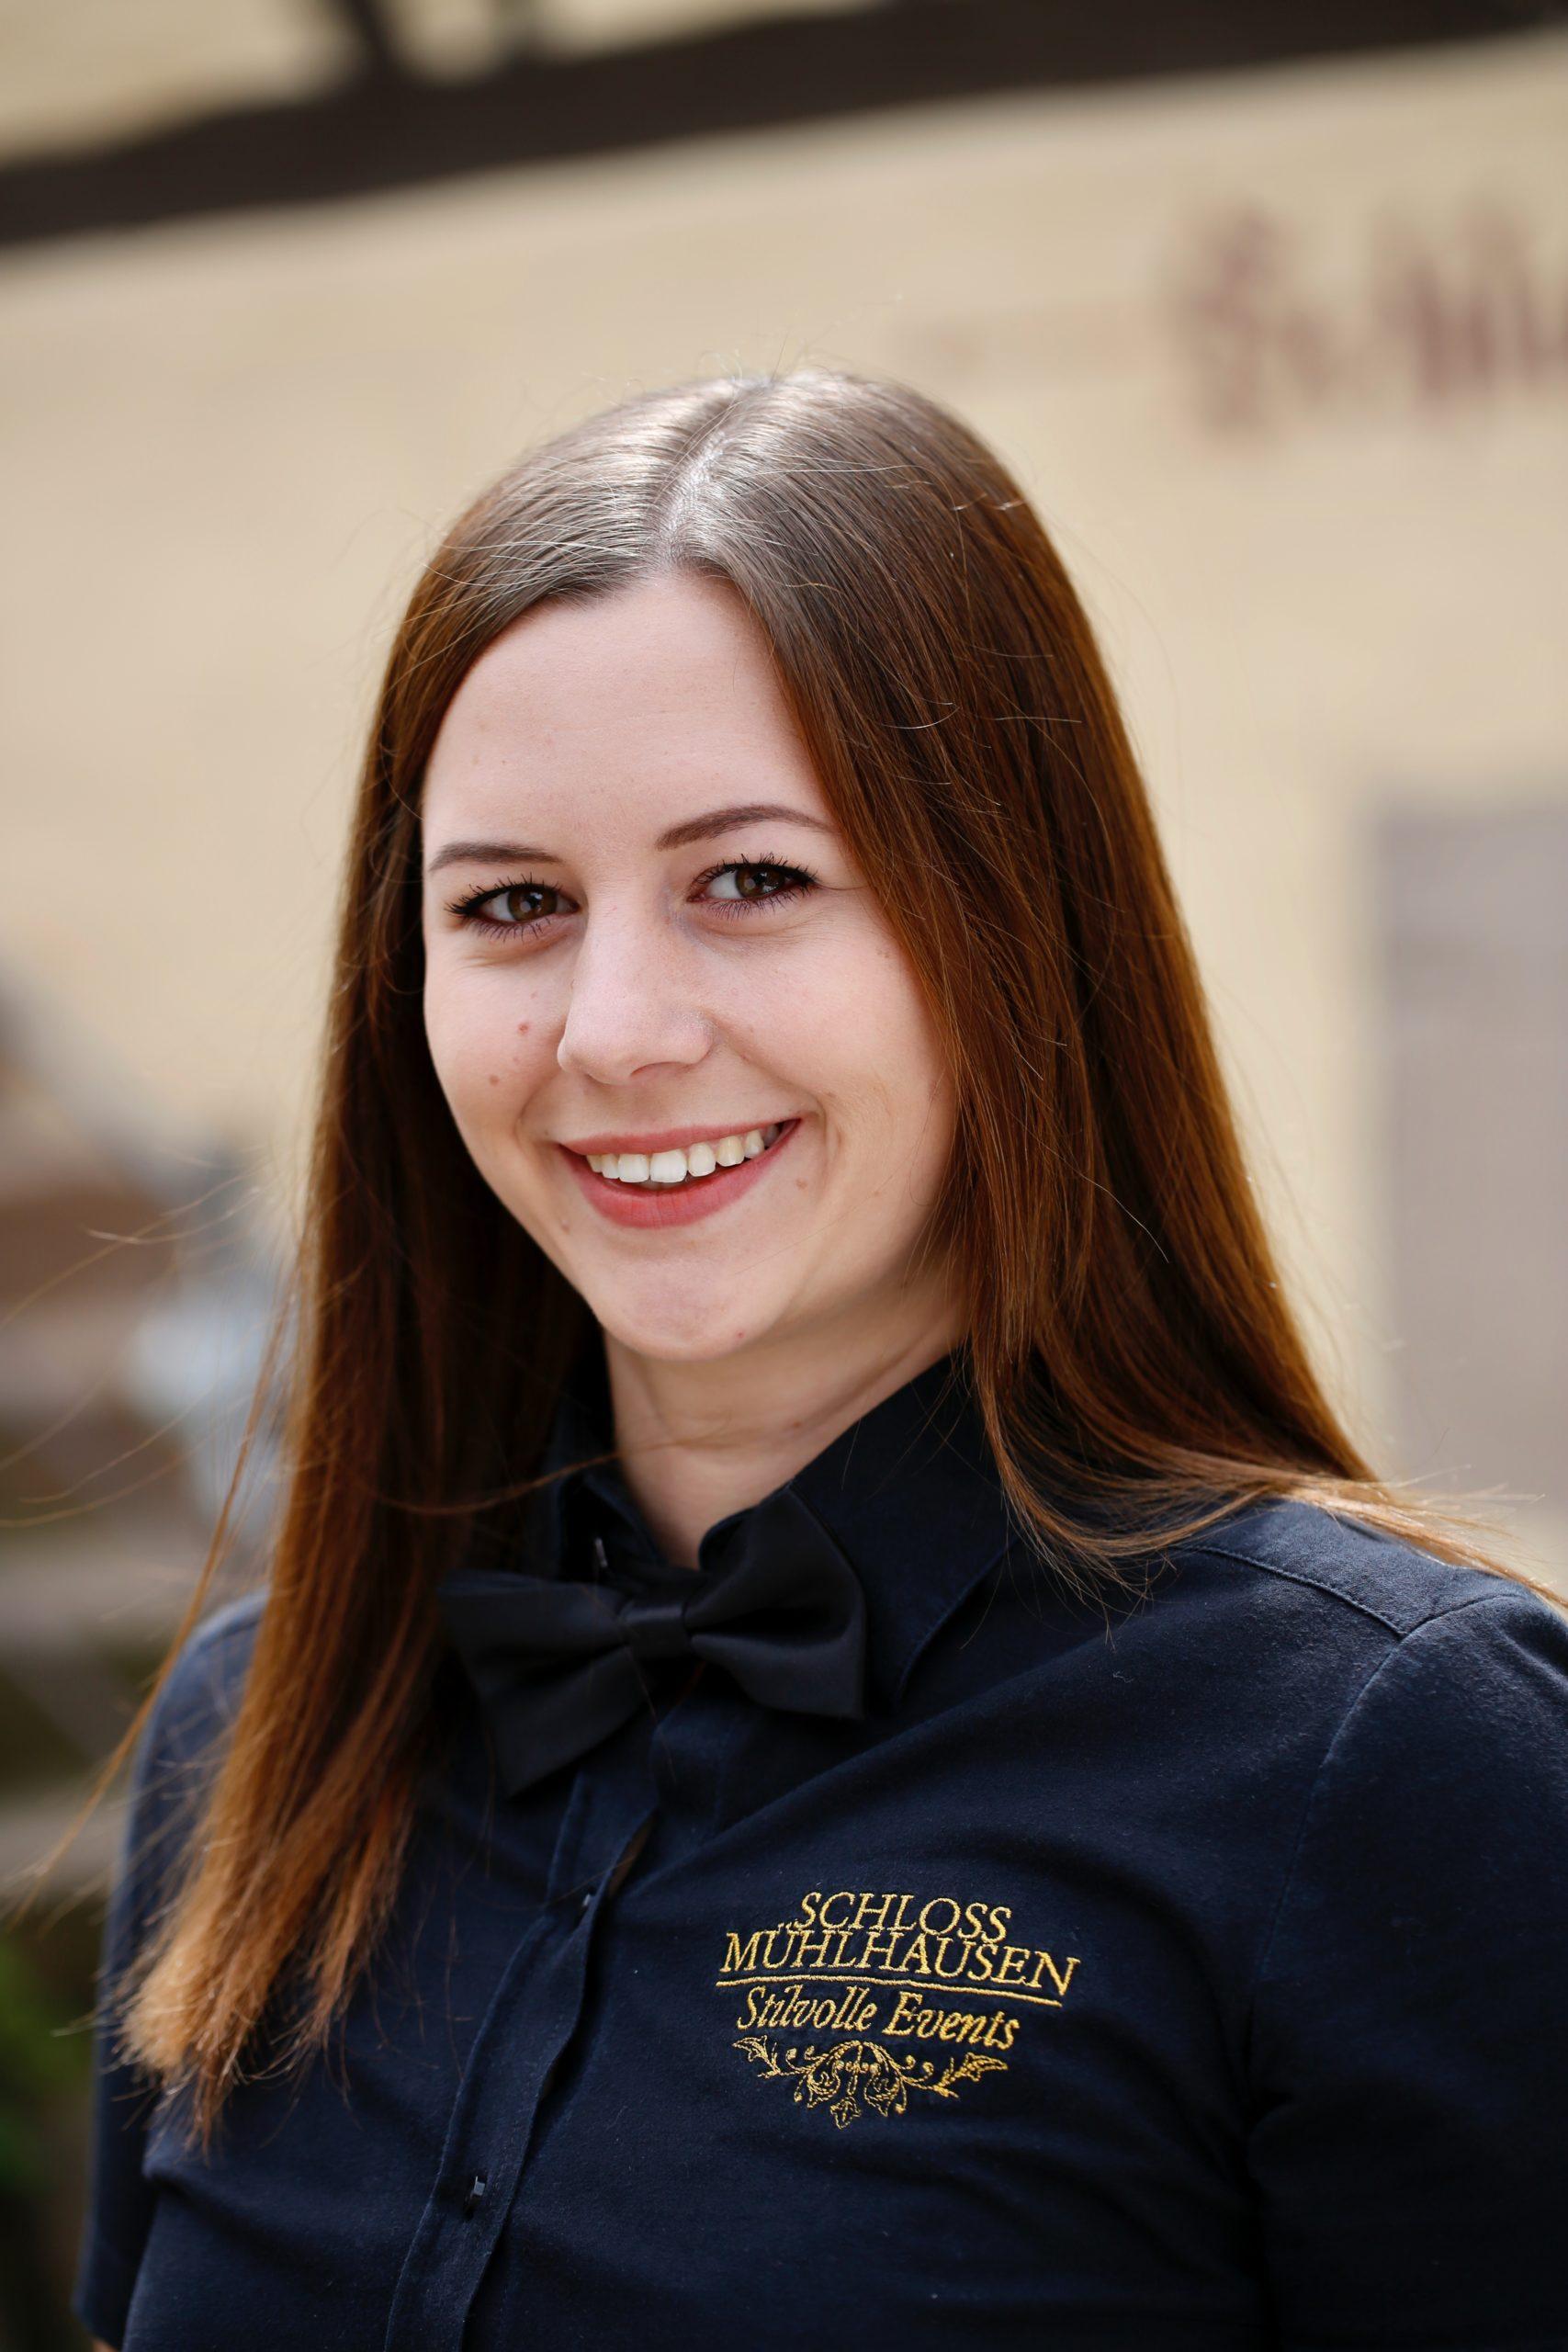 Stefanie Aspiron